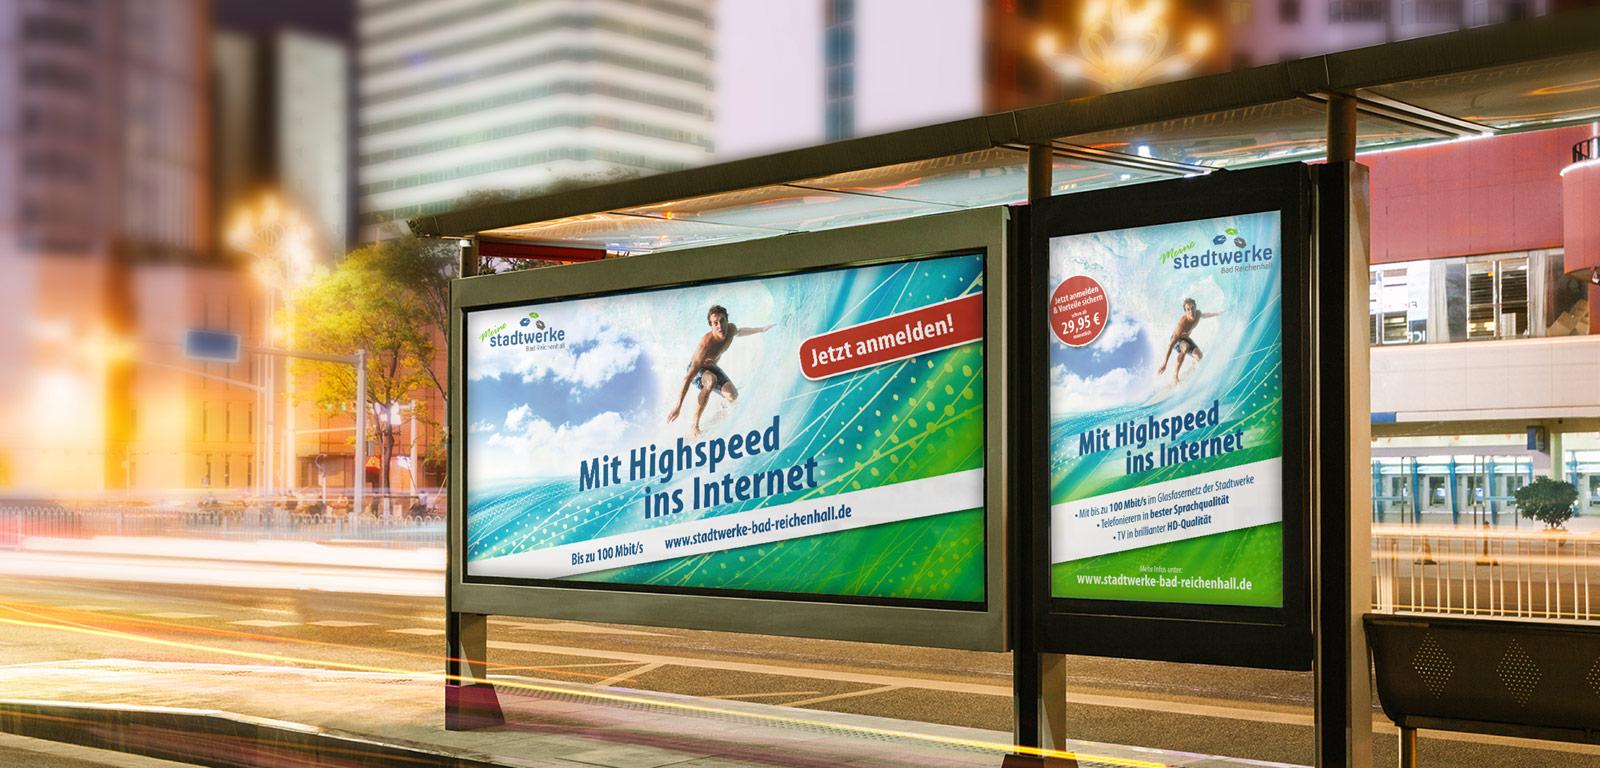 Stadtwerke Zusammenstellung Multimedia1